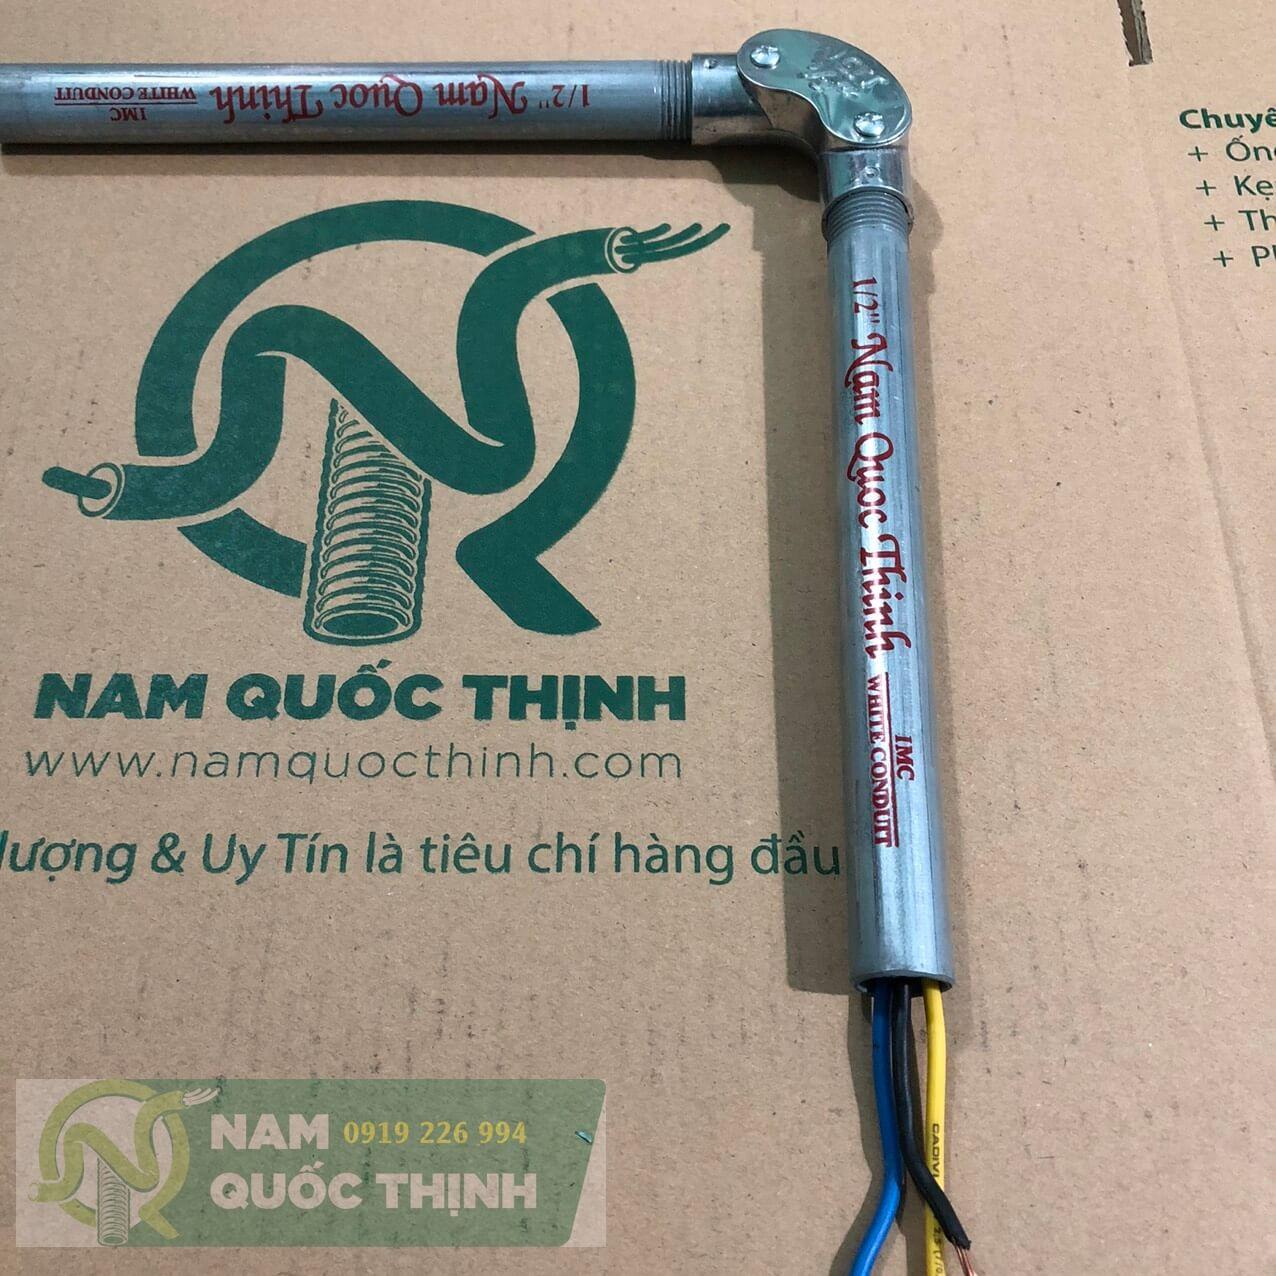 Co đúc 90 độ ống kim loại luồn dây điện ren imc